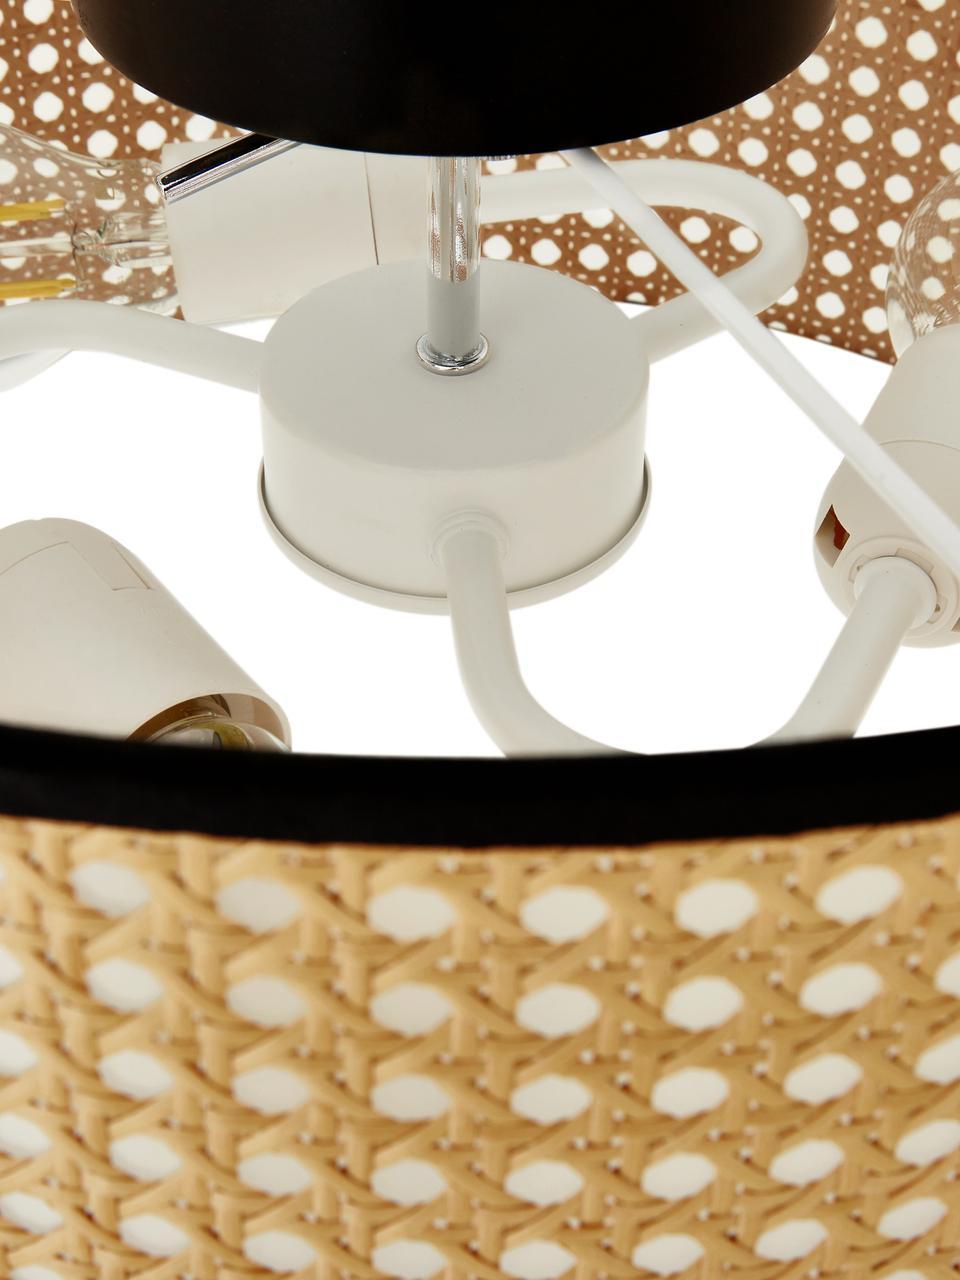 Lampa sufitowa z plecionką wiedeńską Vienna, Klosz: beżowy, czarny Osłona mocowania sufitowego: czarny, matowy, Ø 40 x W 20 cm